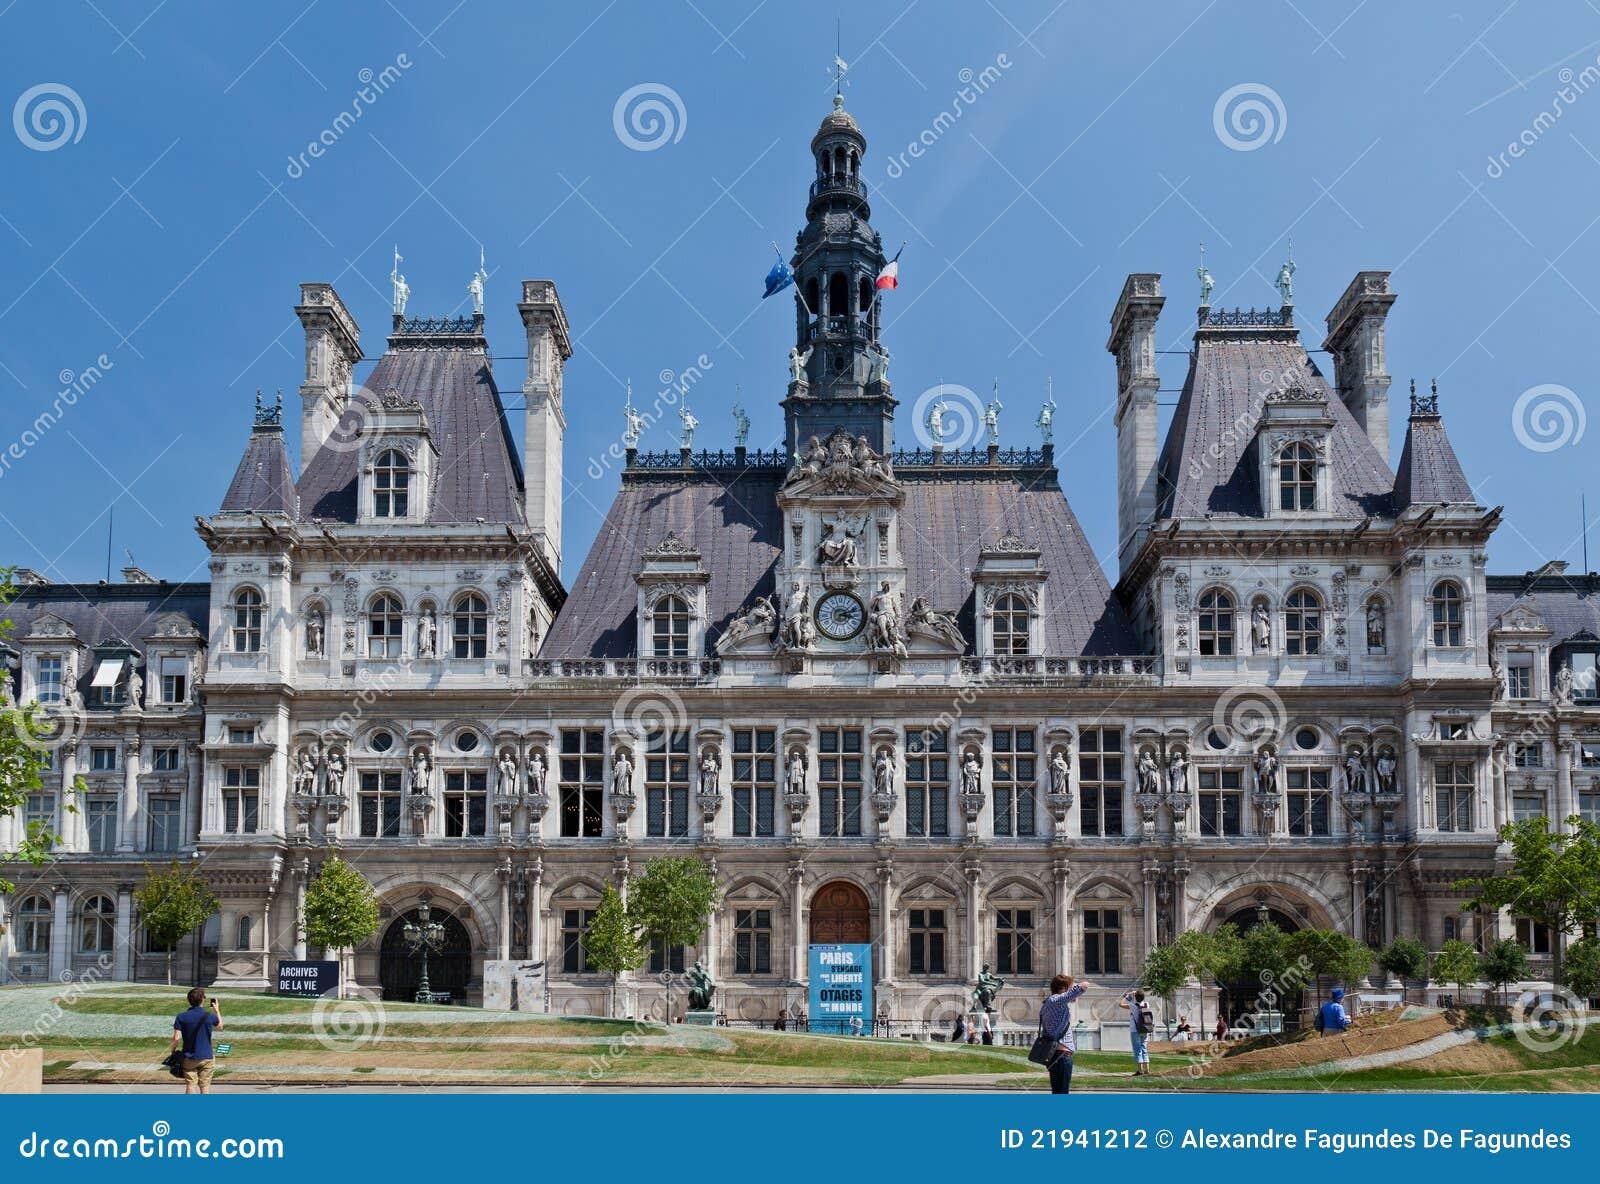 Hotel de ville paris editorial photography image of for Hotel deville paris